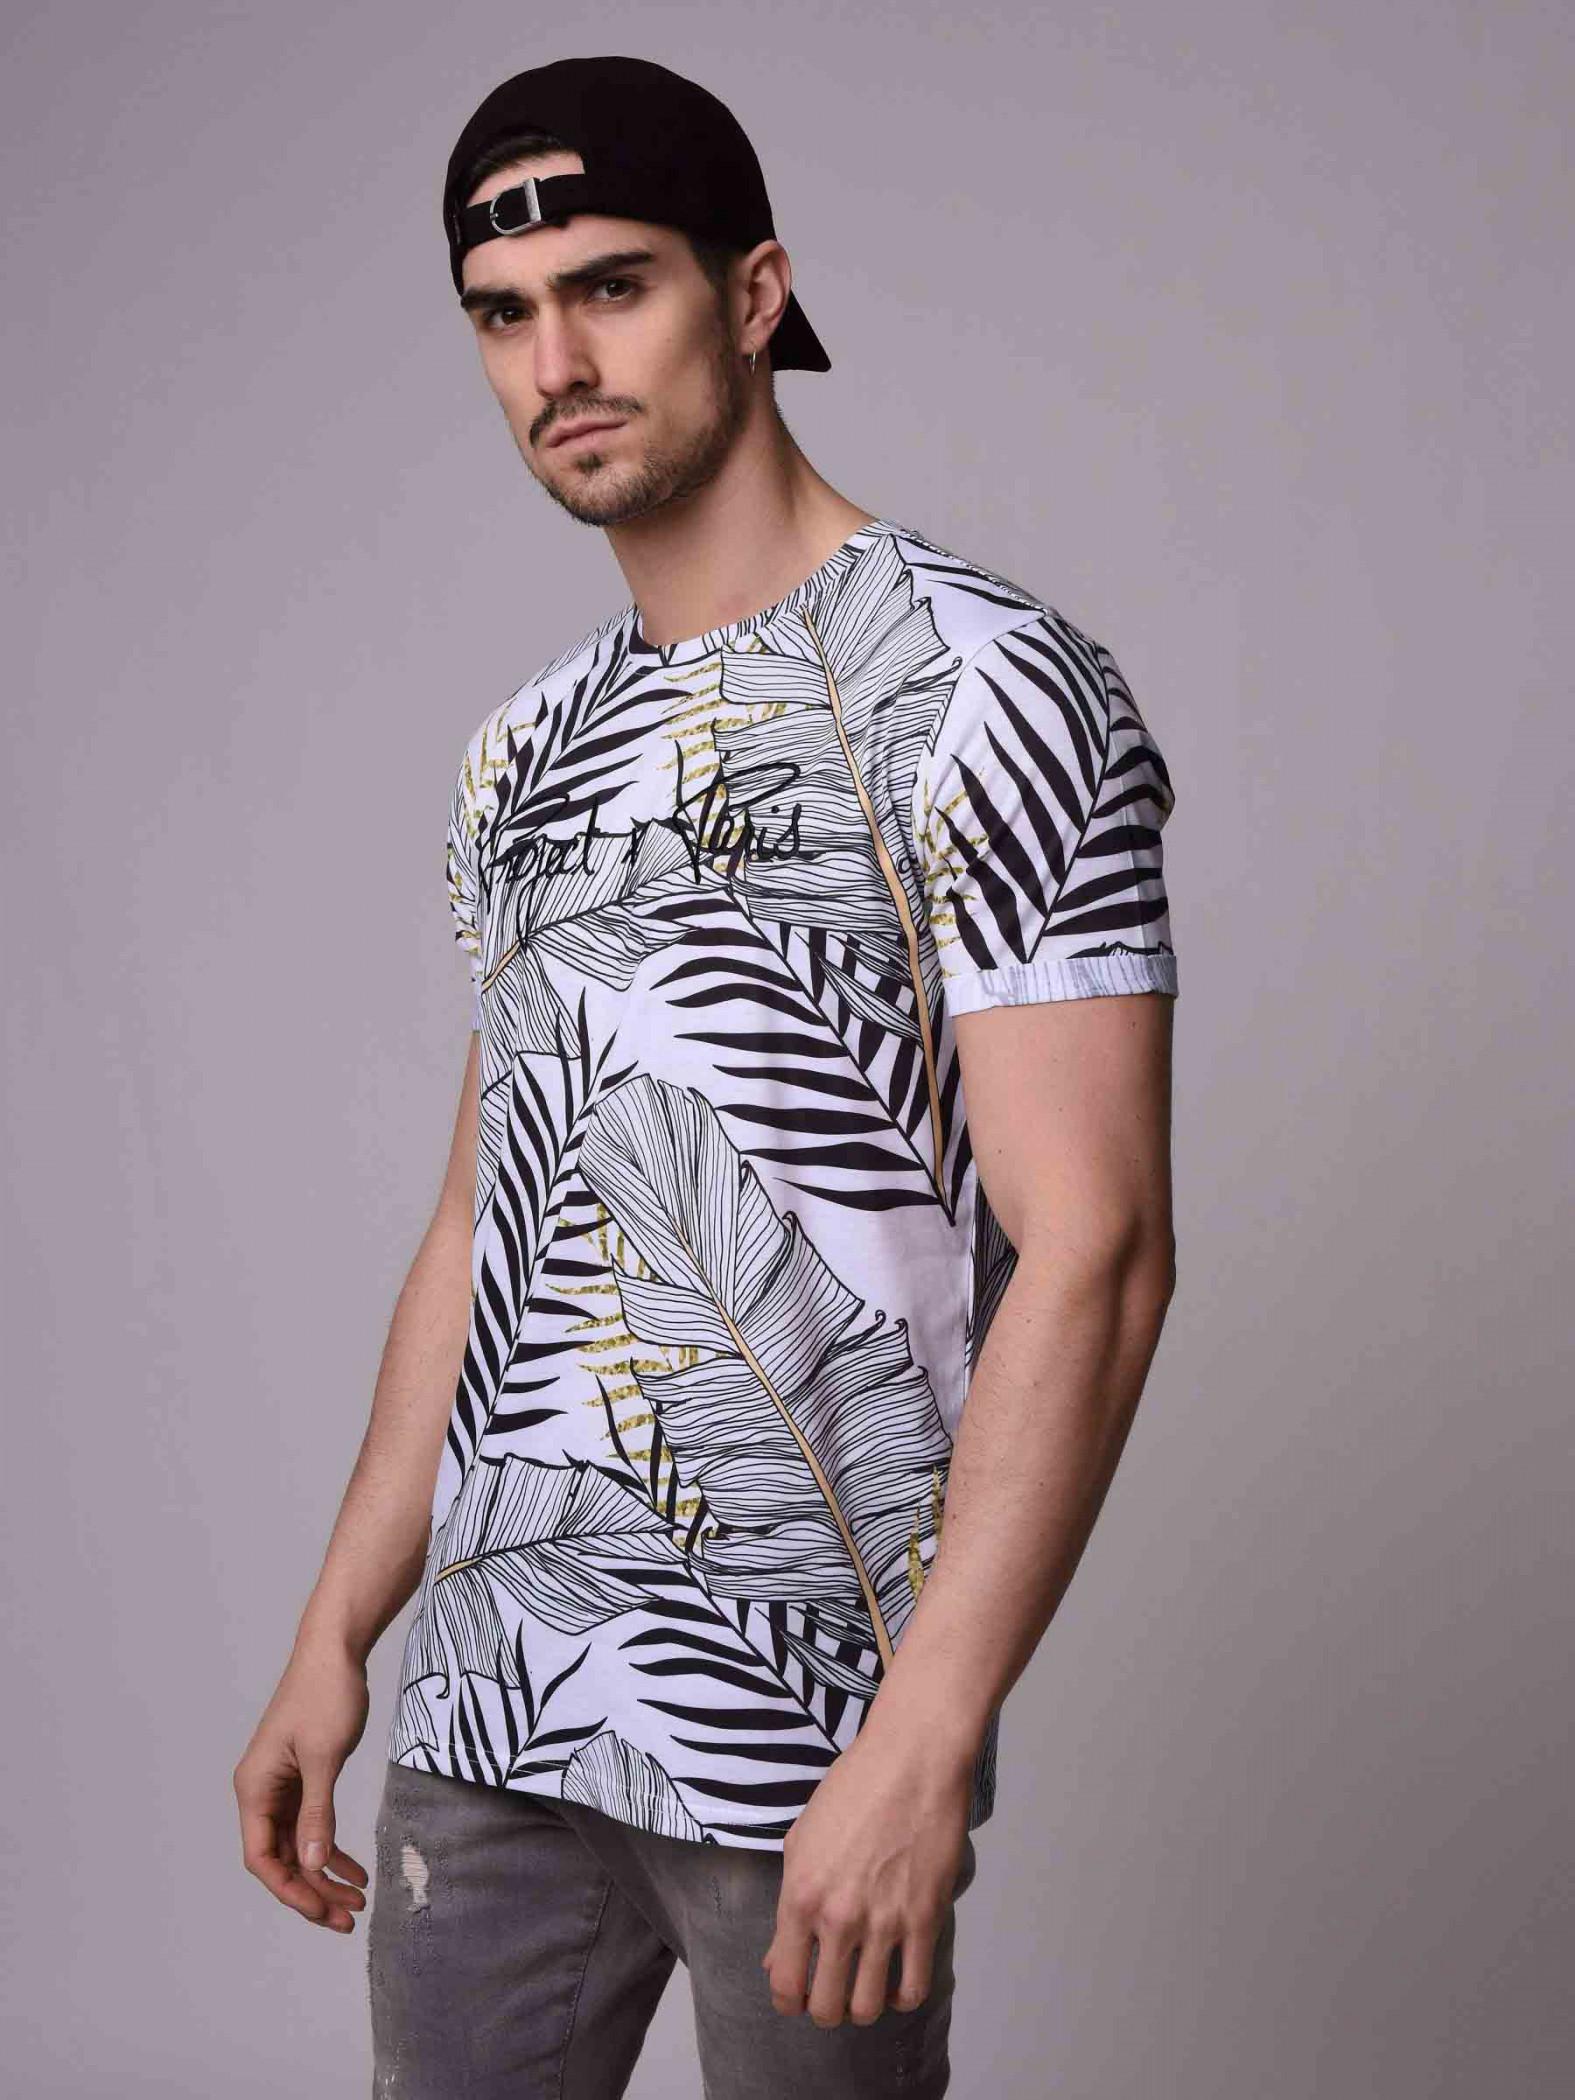 359e7766b9a8 T-shirt manches courtes, imprimé tropical Homme Project X Paris